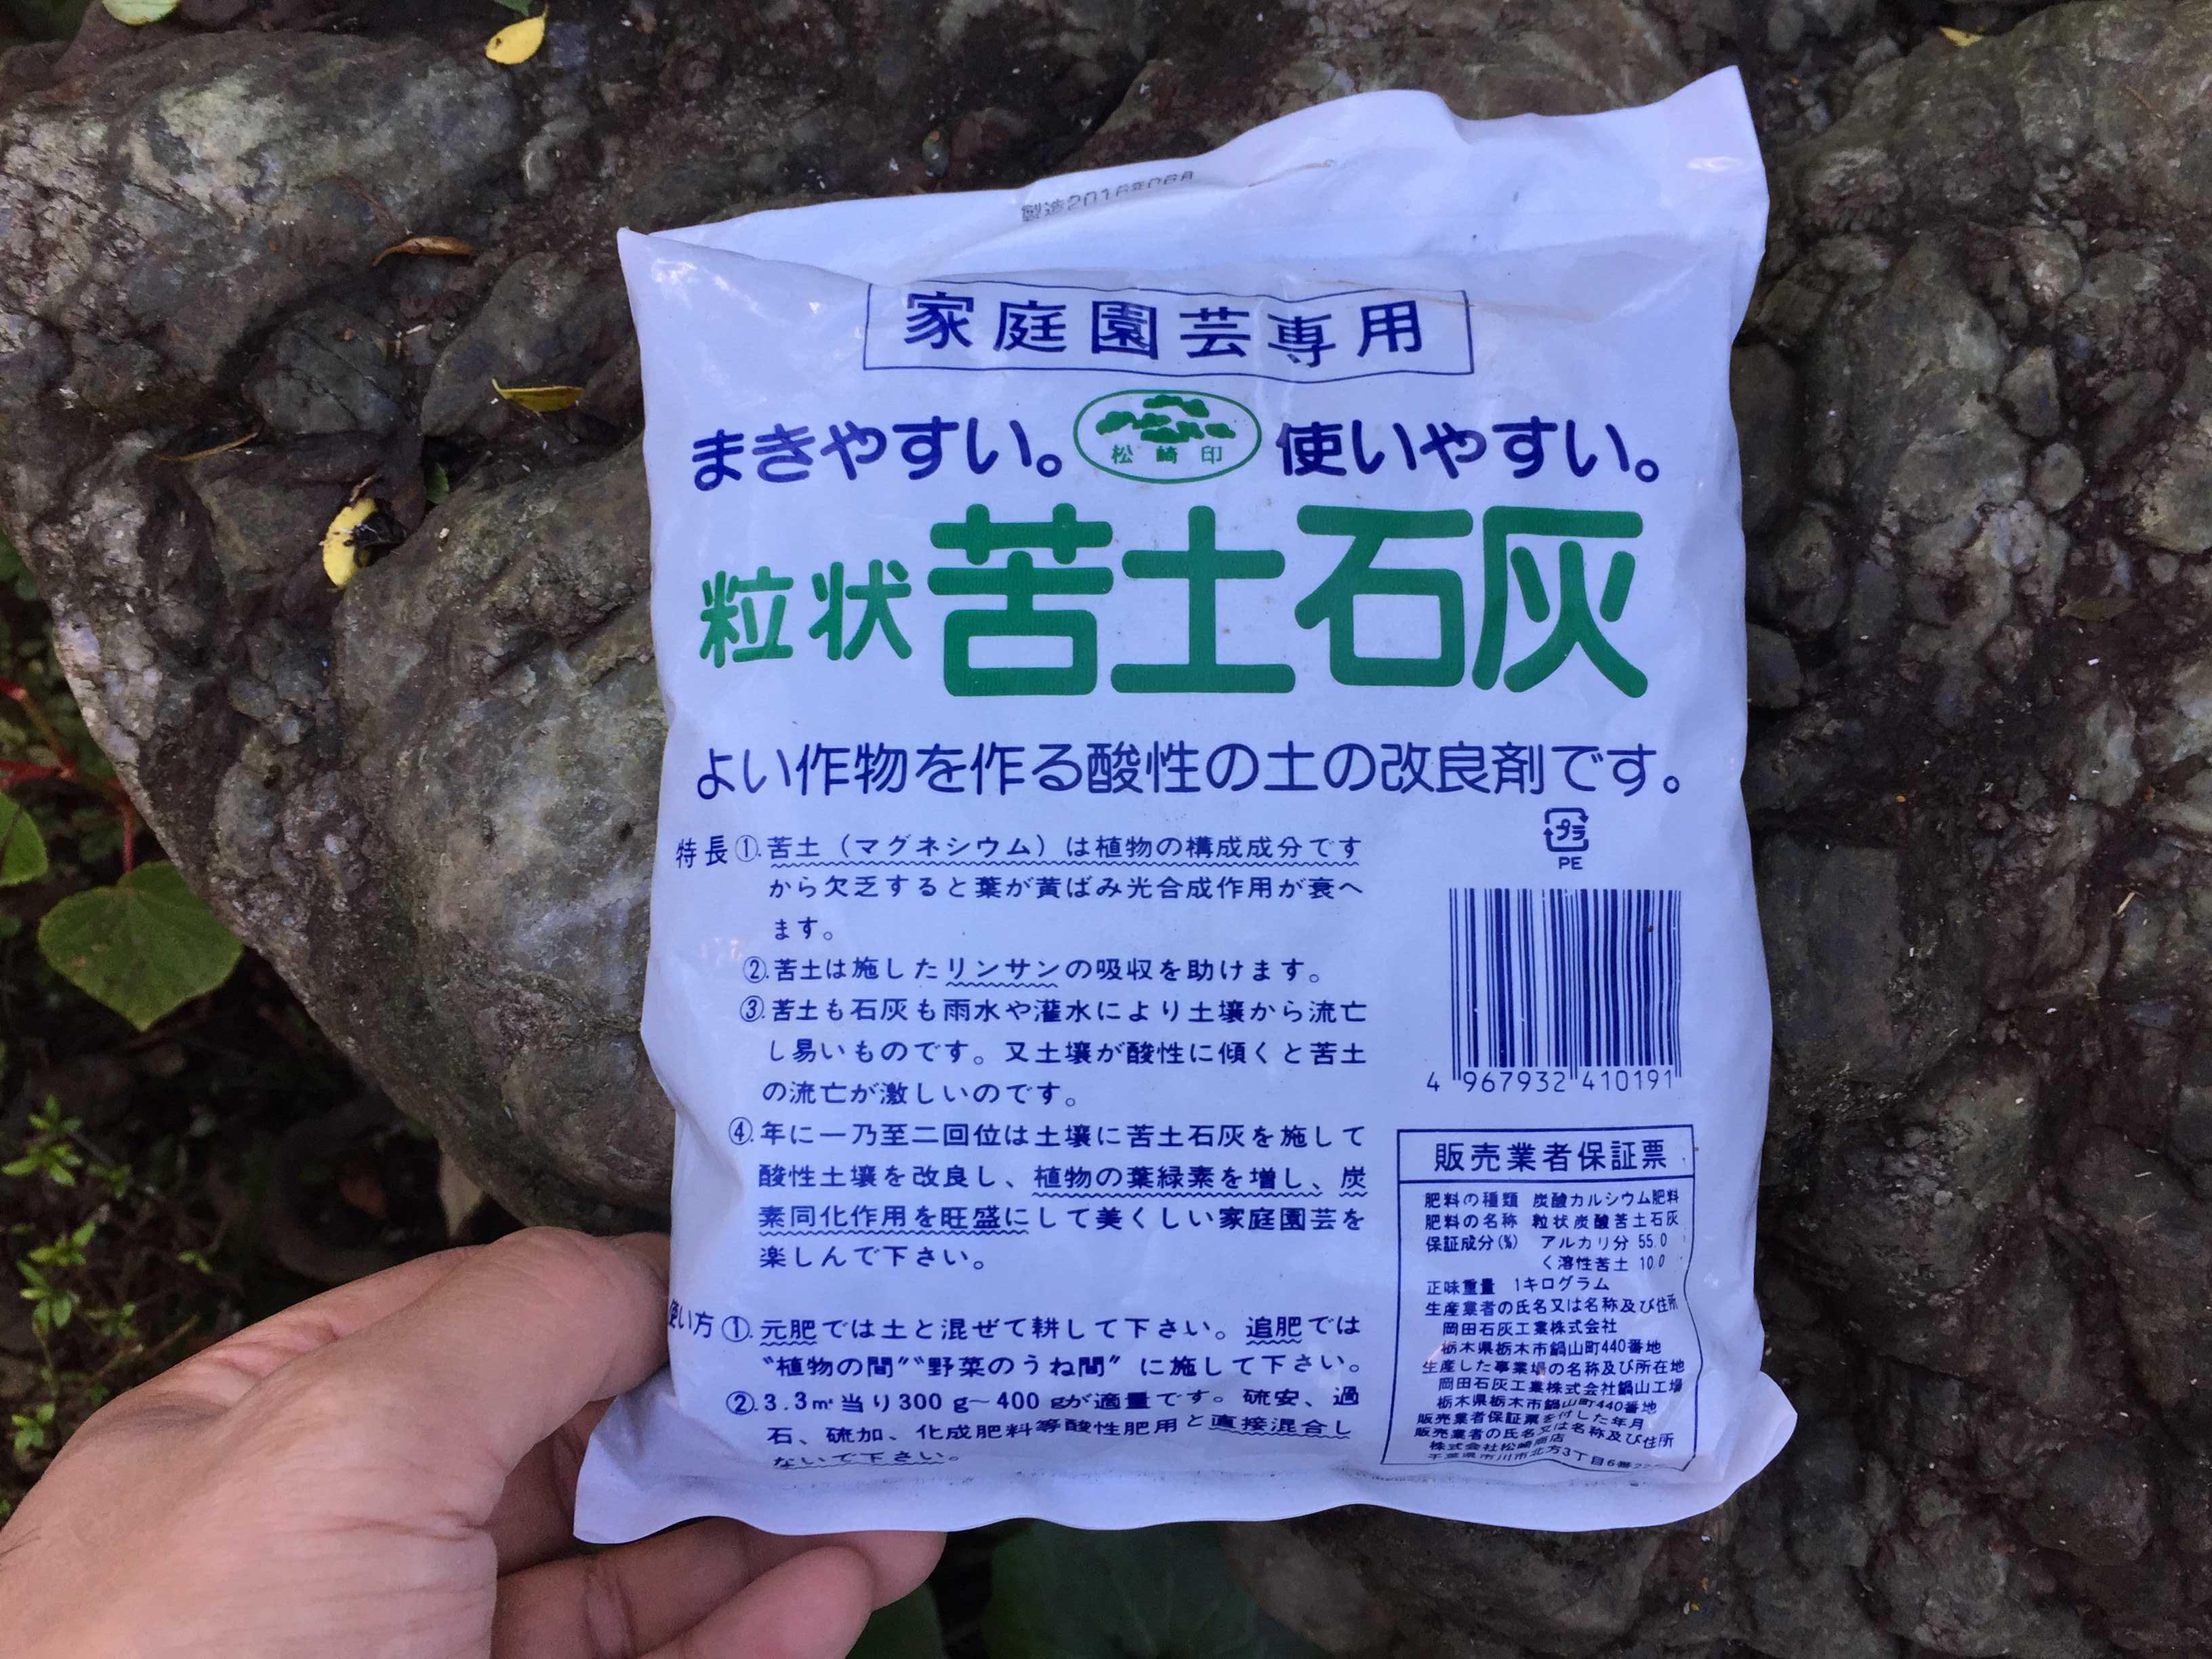 ヤマユリの球根植え付け - 粒状苦土石灰